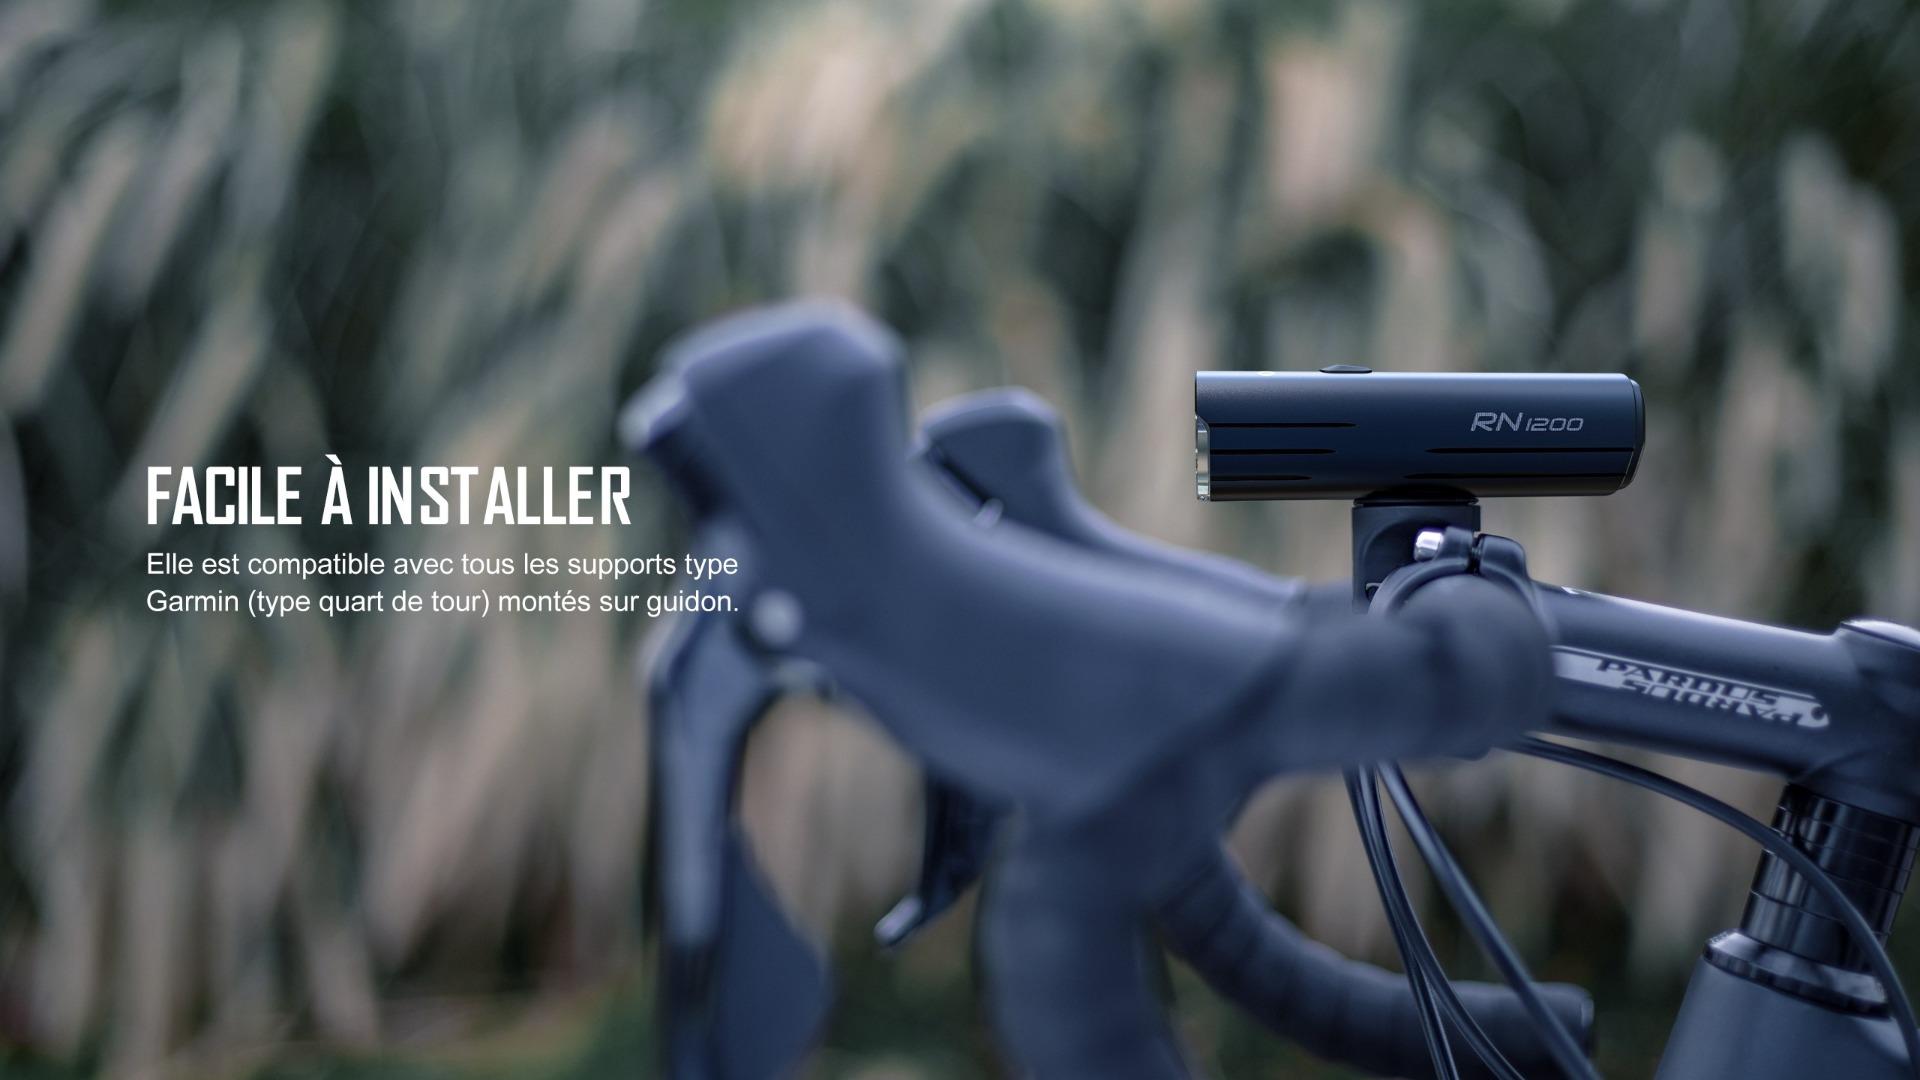 éclairage avant vélo peut être facilement installé